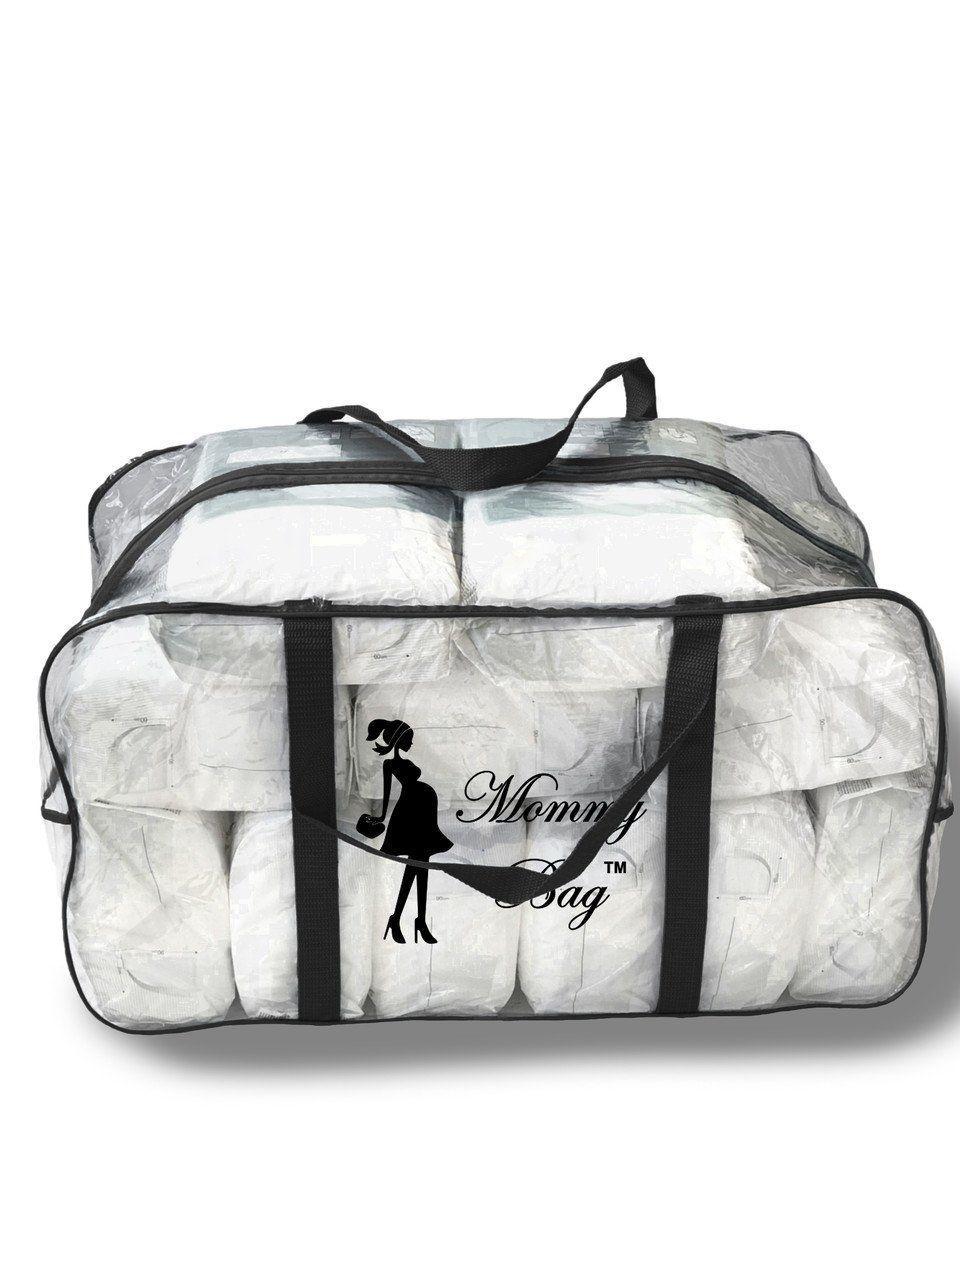 Сумка прозрачная в роддом Mommy Bag, размер - XL, цвет - Черный